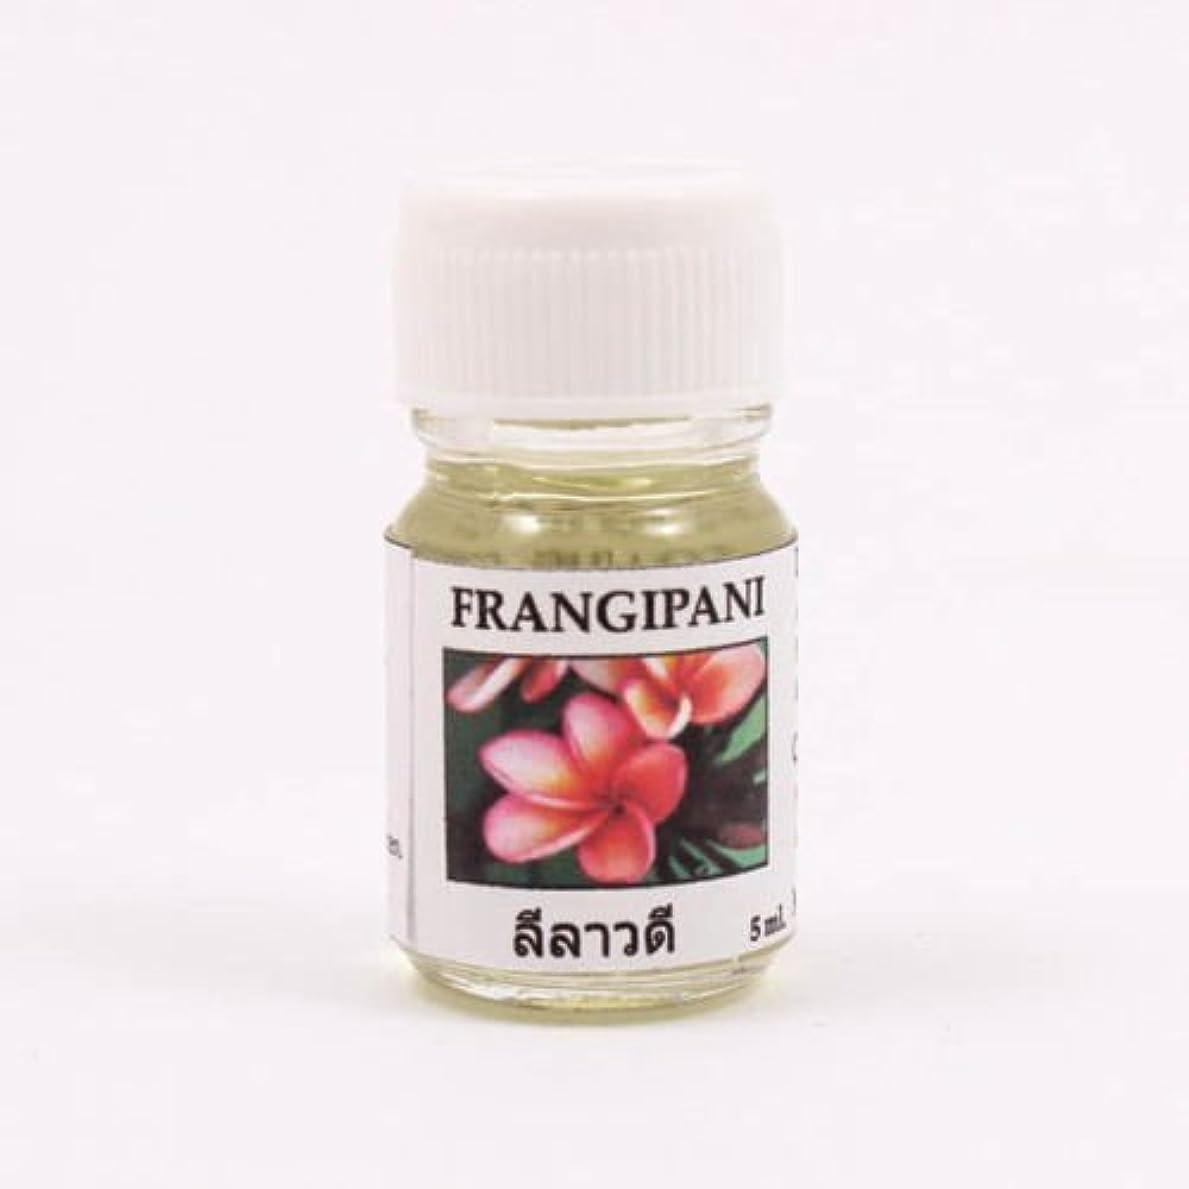 宿命食料品店売る6X Frangipani Aroma Fragrance Essential Oil 5ML. Diffuser Burner Therapy